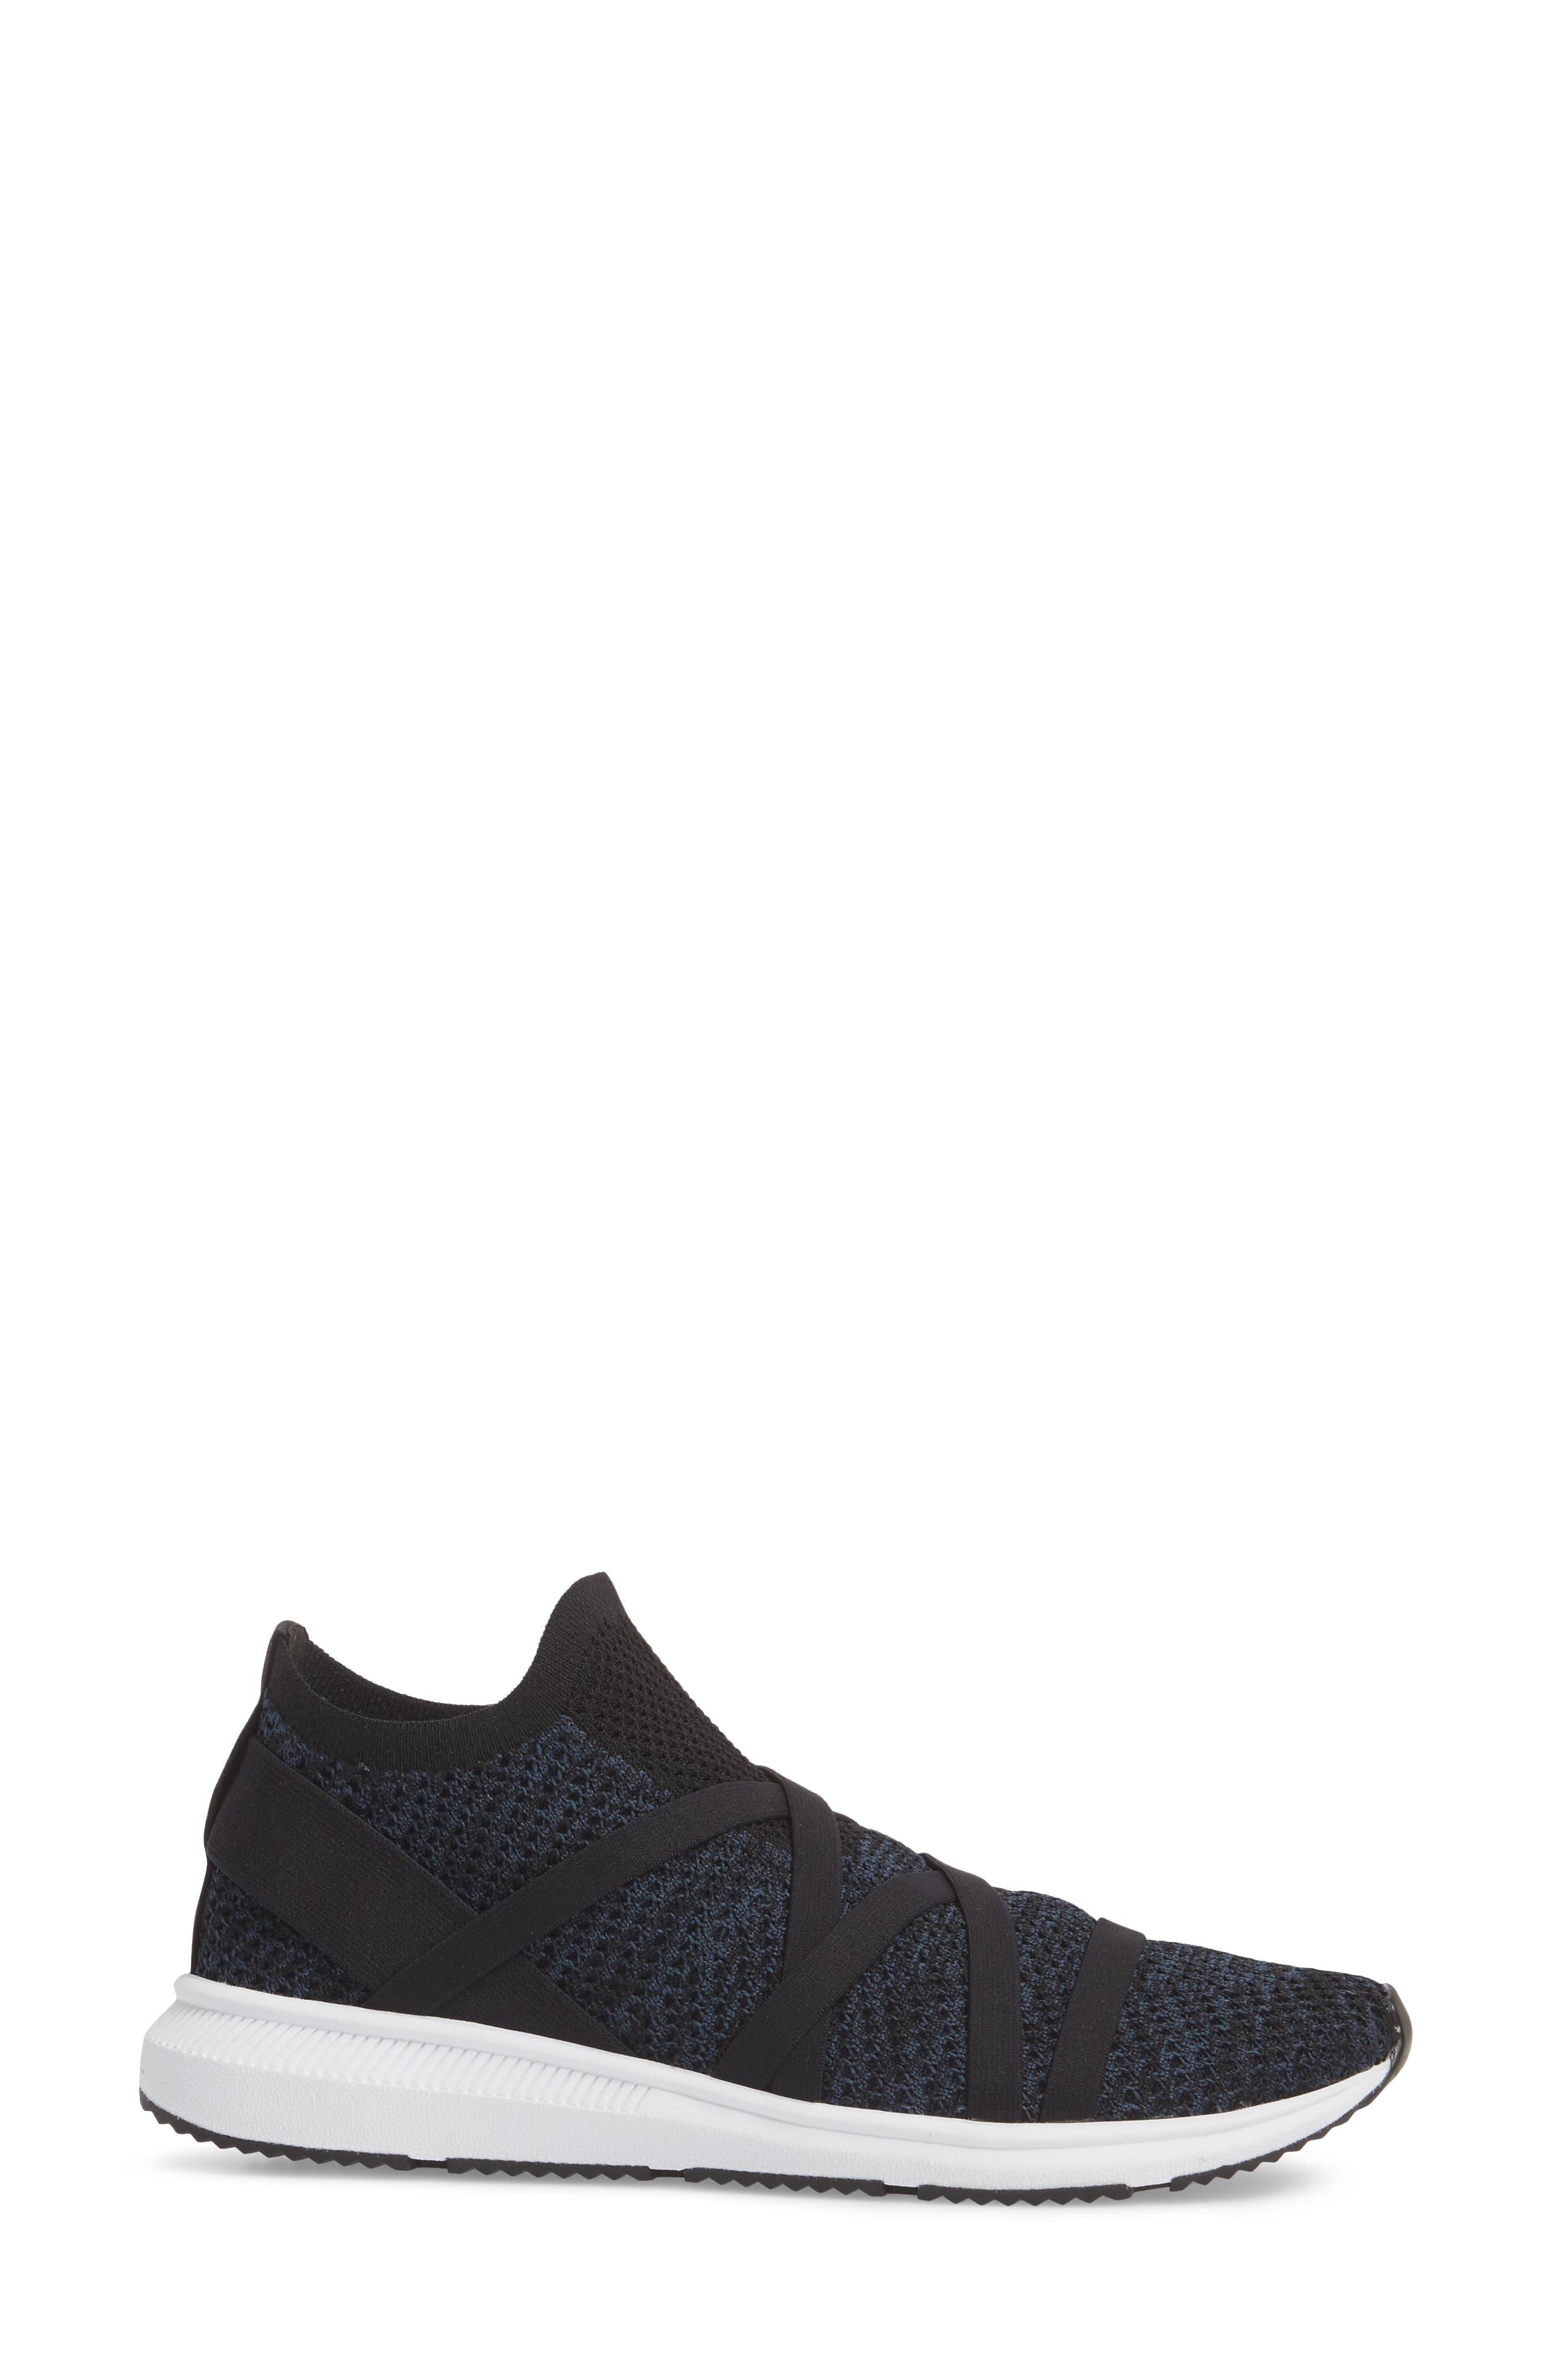 Alternate Image 3  - Eileen Fisher Xanady Woven Slip-On Sneaker (Women)